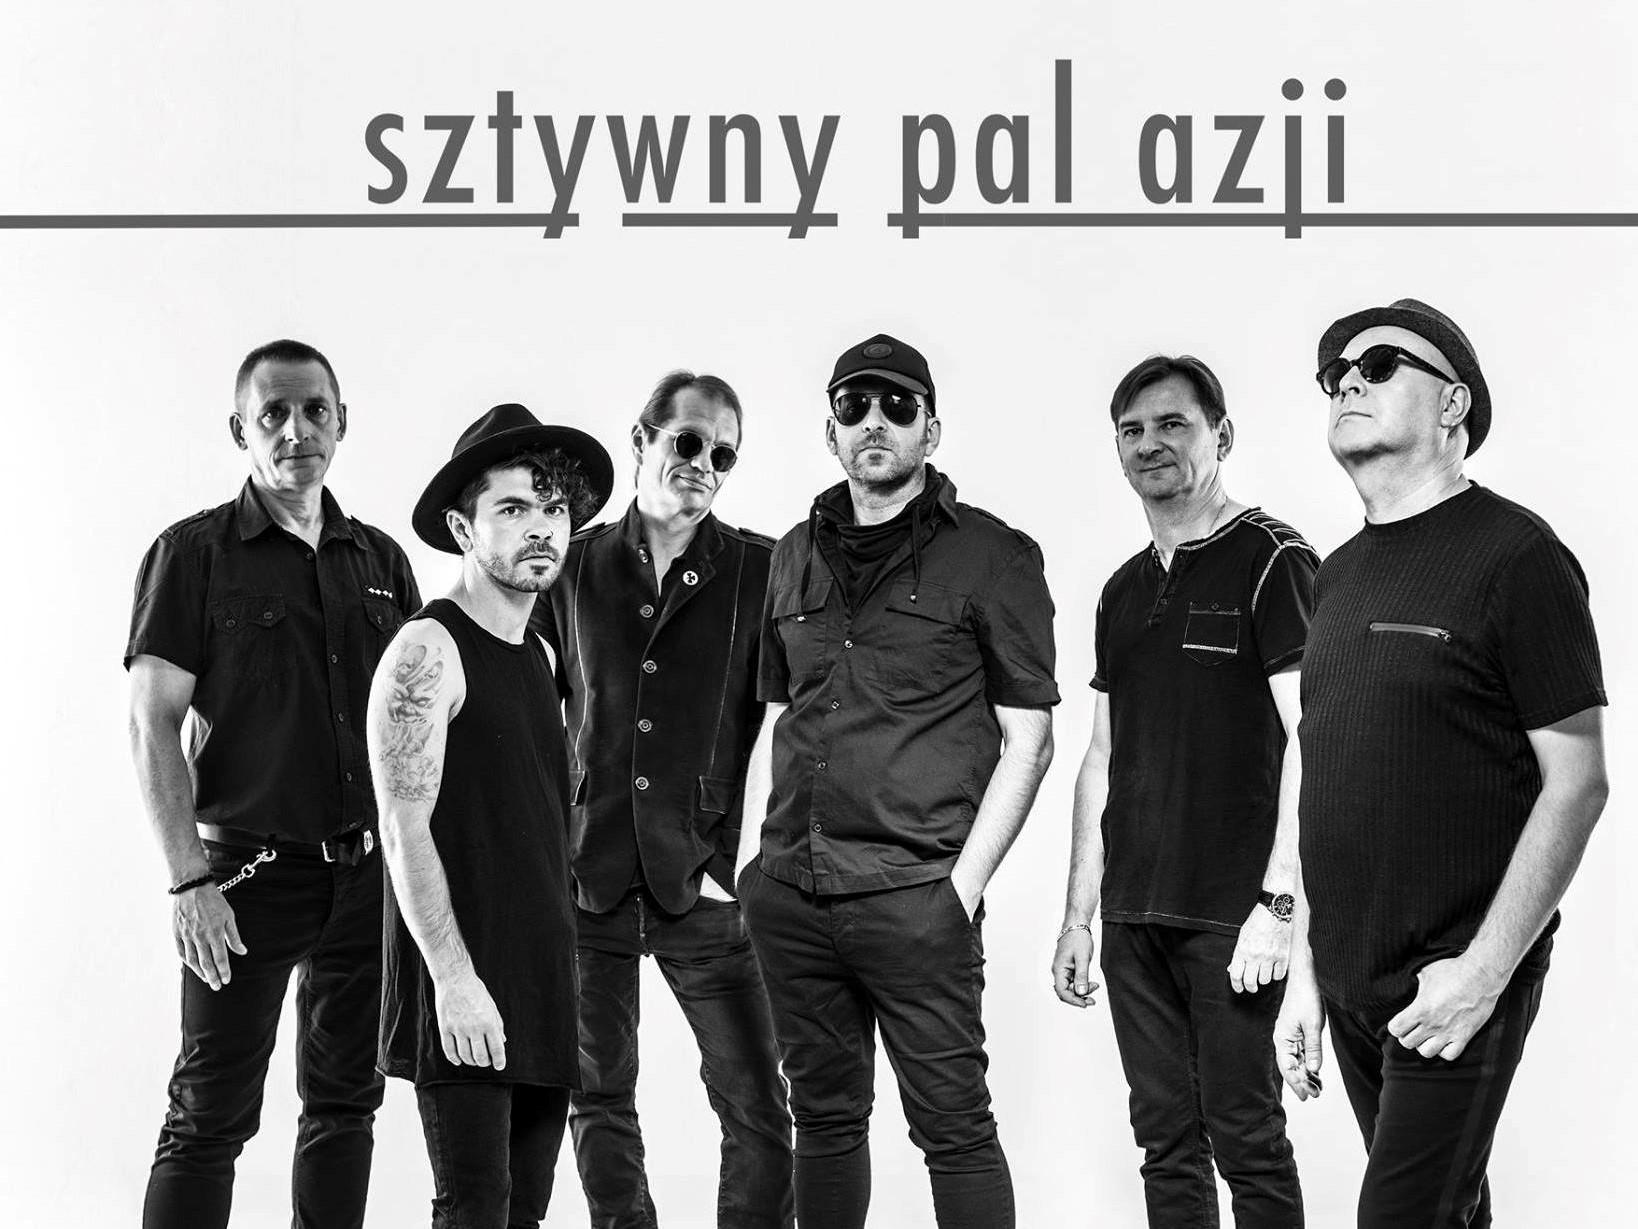 sztywny pal azji koncert - Sztywny Pal Azji - Facebook